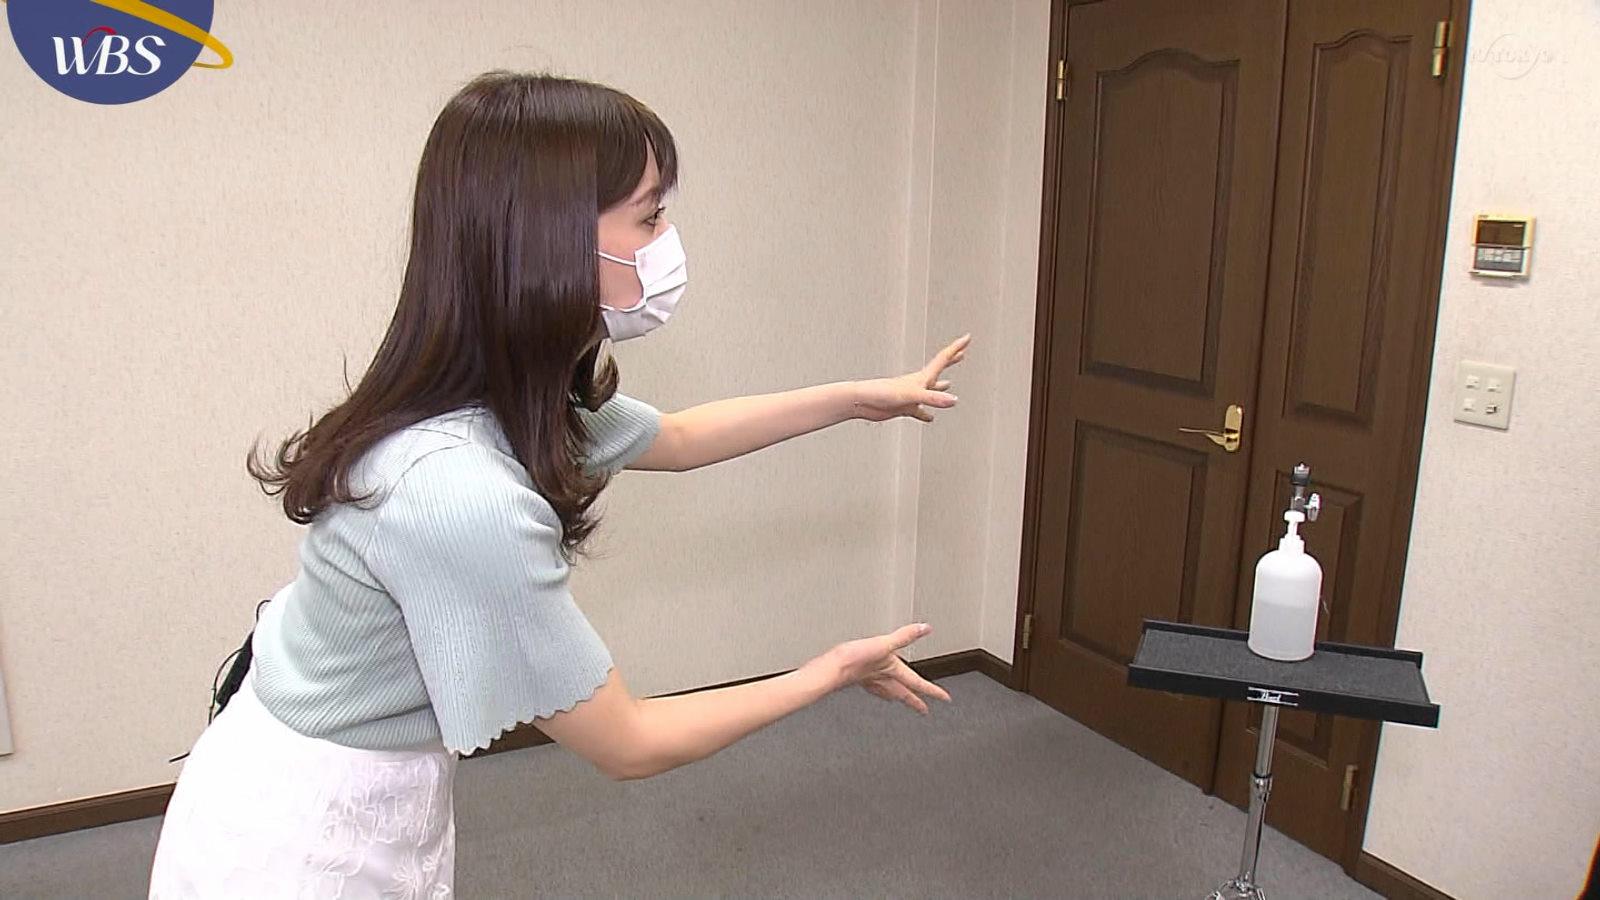 森香澄_女子アナ_おっぱい_乳揺れ_07